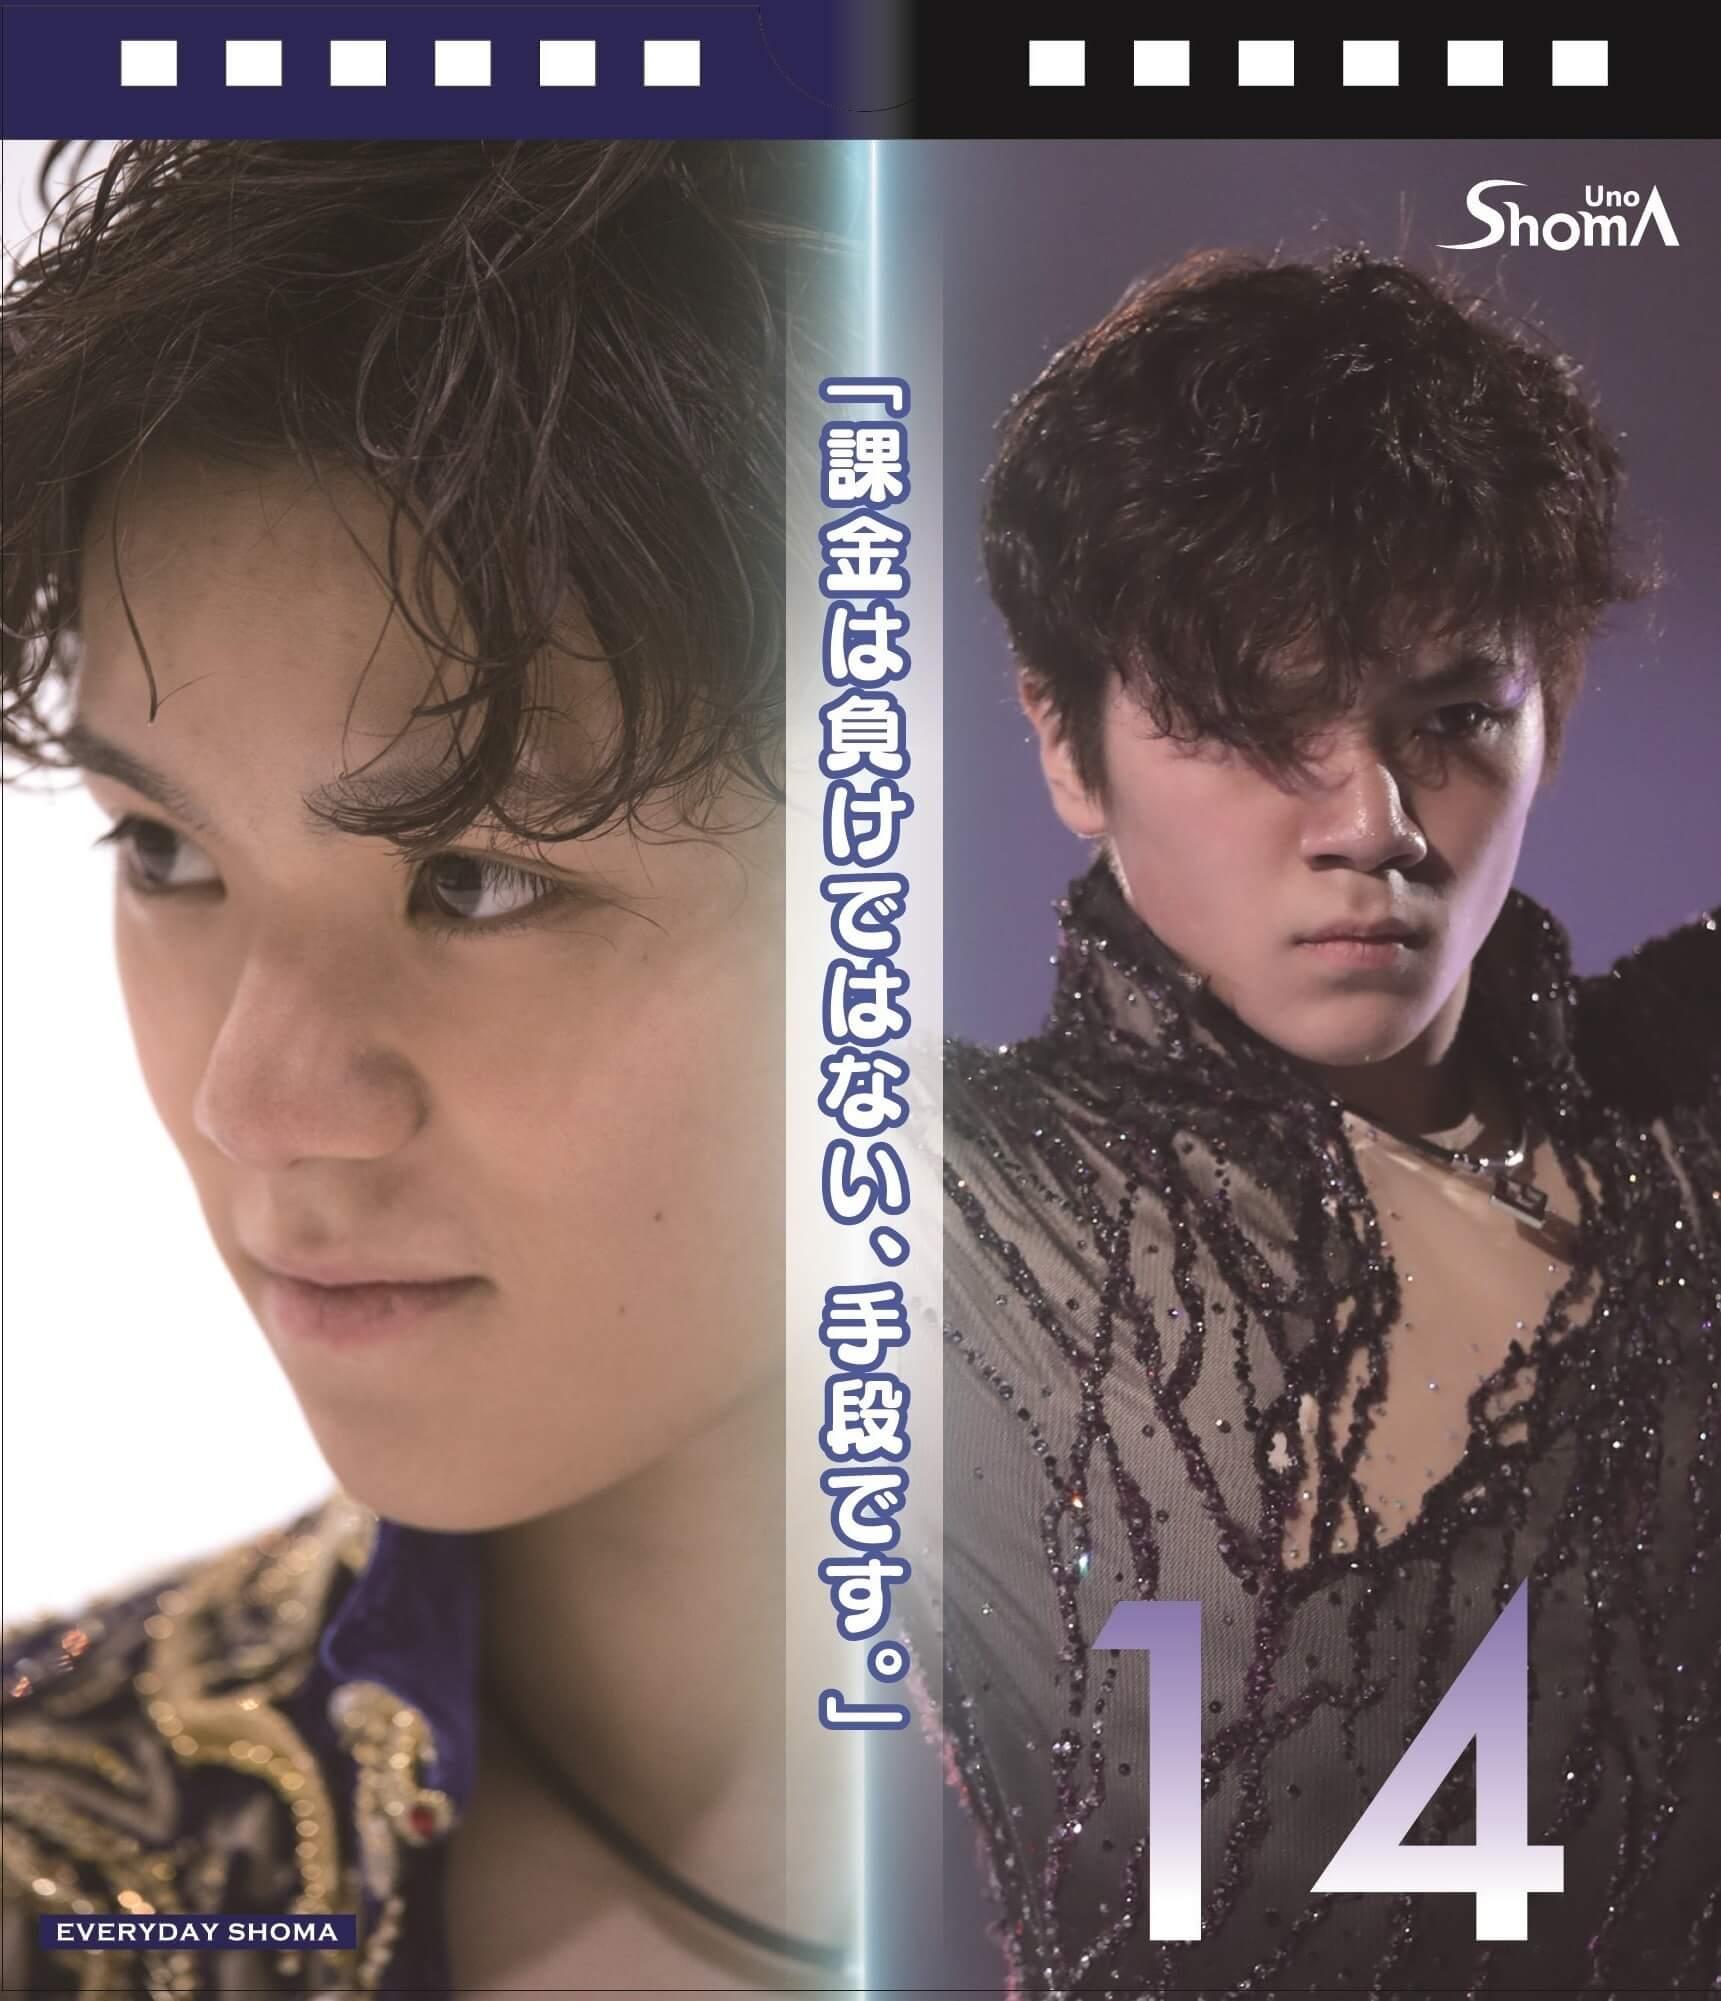 カレンダーについて、宇野昌磨サイドの話が掲載!シークレットもあるとのこと!